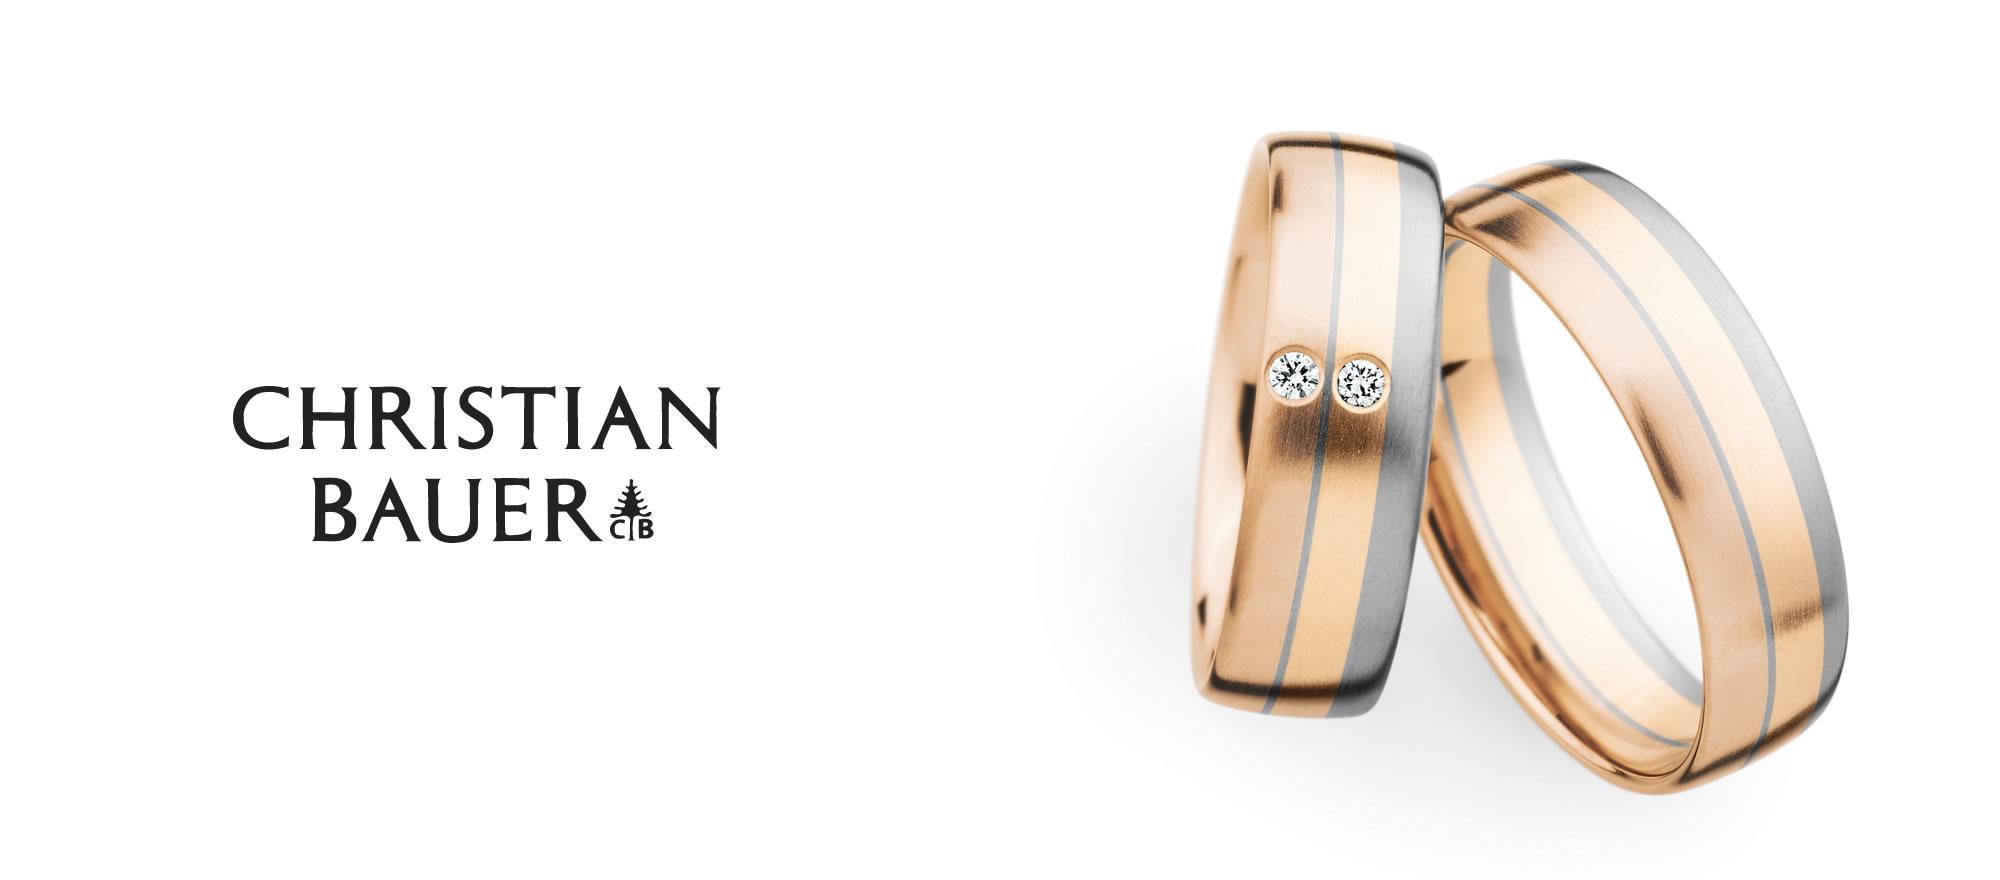 新潟で人気の結婚指輪と婚約指輪 BROOCH 鍛造(たんぞう)ジュエリー | 太め鍛造結婚指輪はドイツのマイスターが手掛けるクリスチャンバウアーで選ぼう